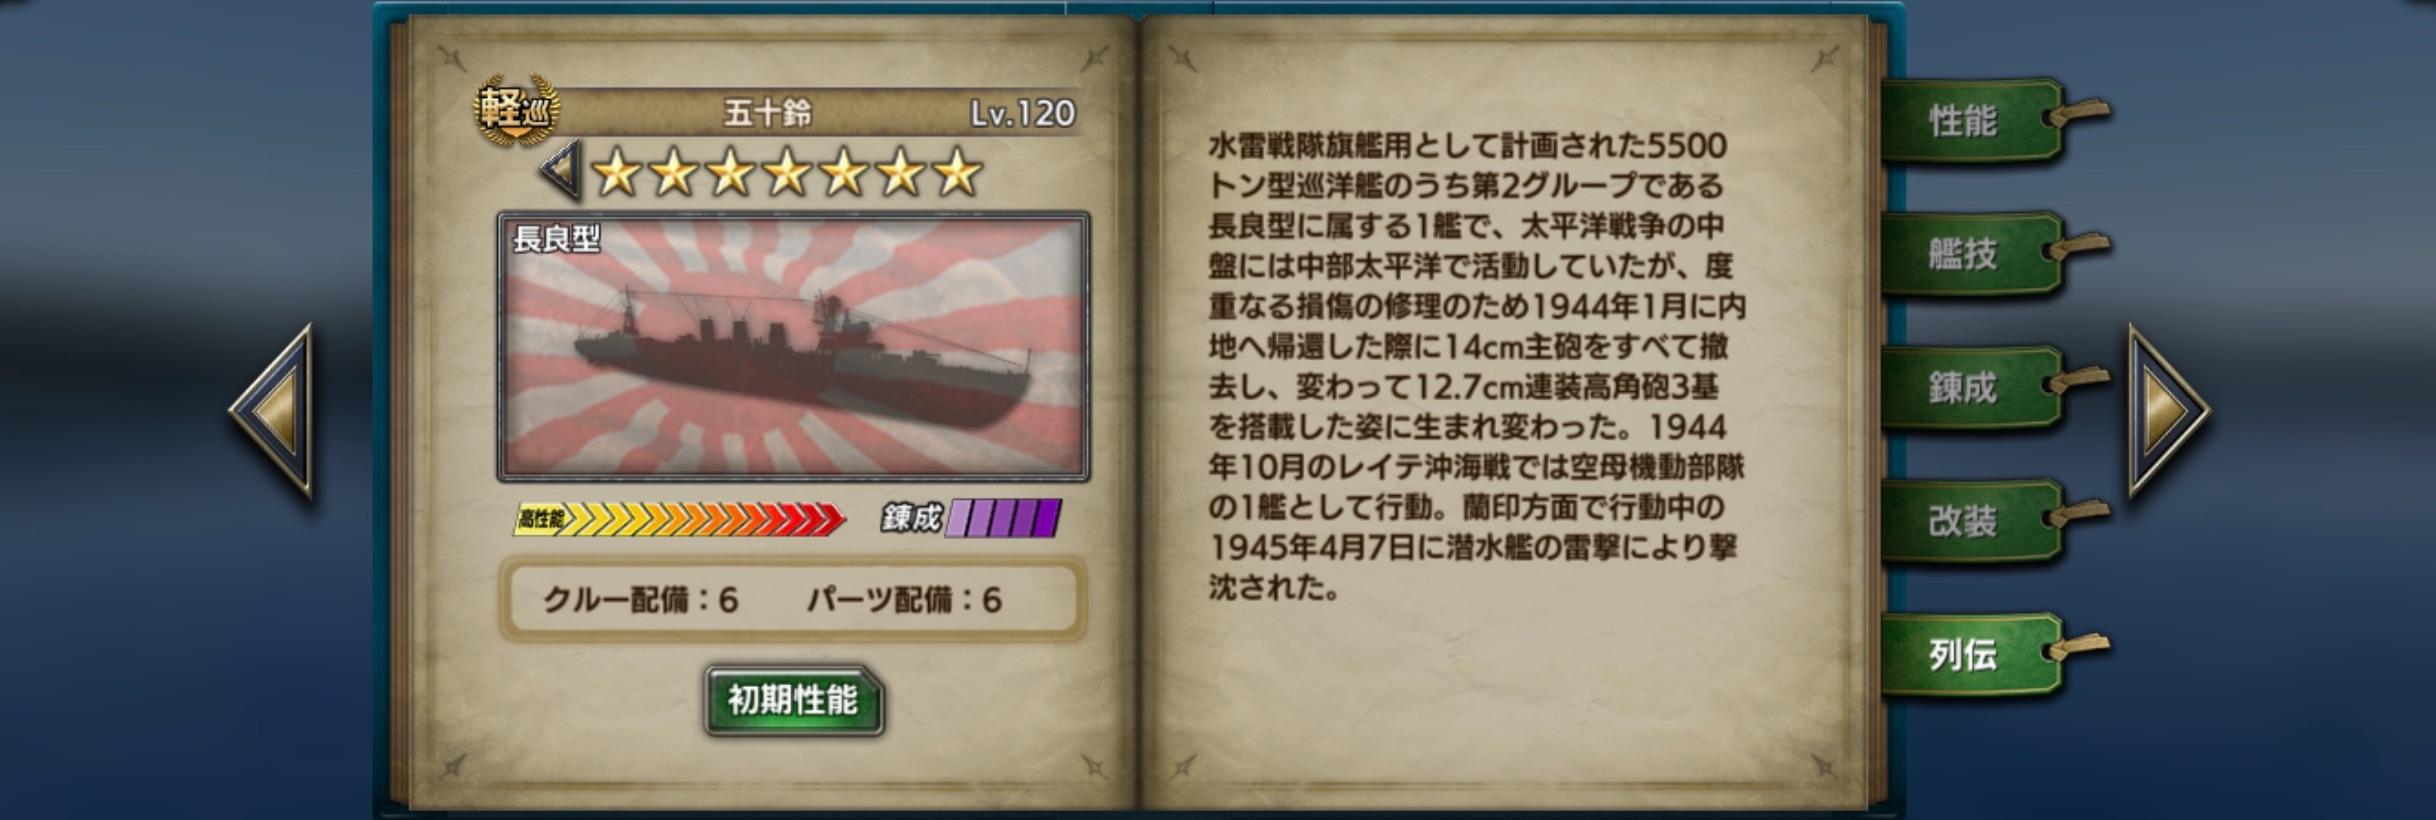 isuzu-history